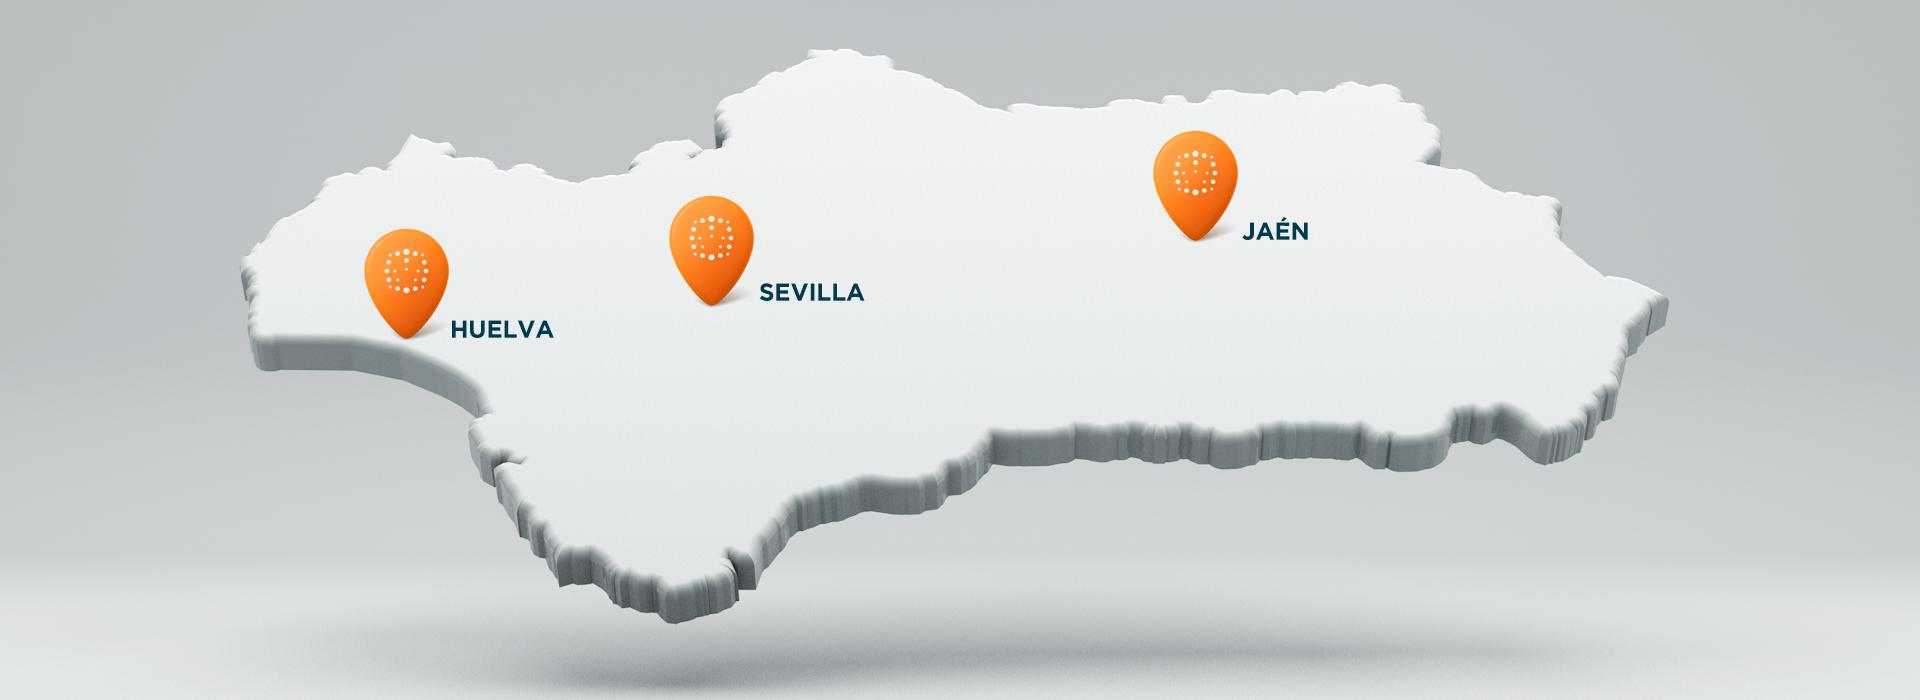 mapa de clinicas oftalmologicas sevilla